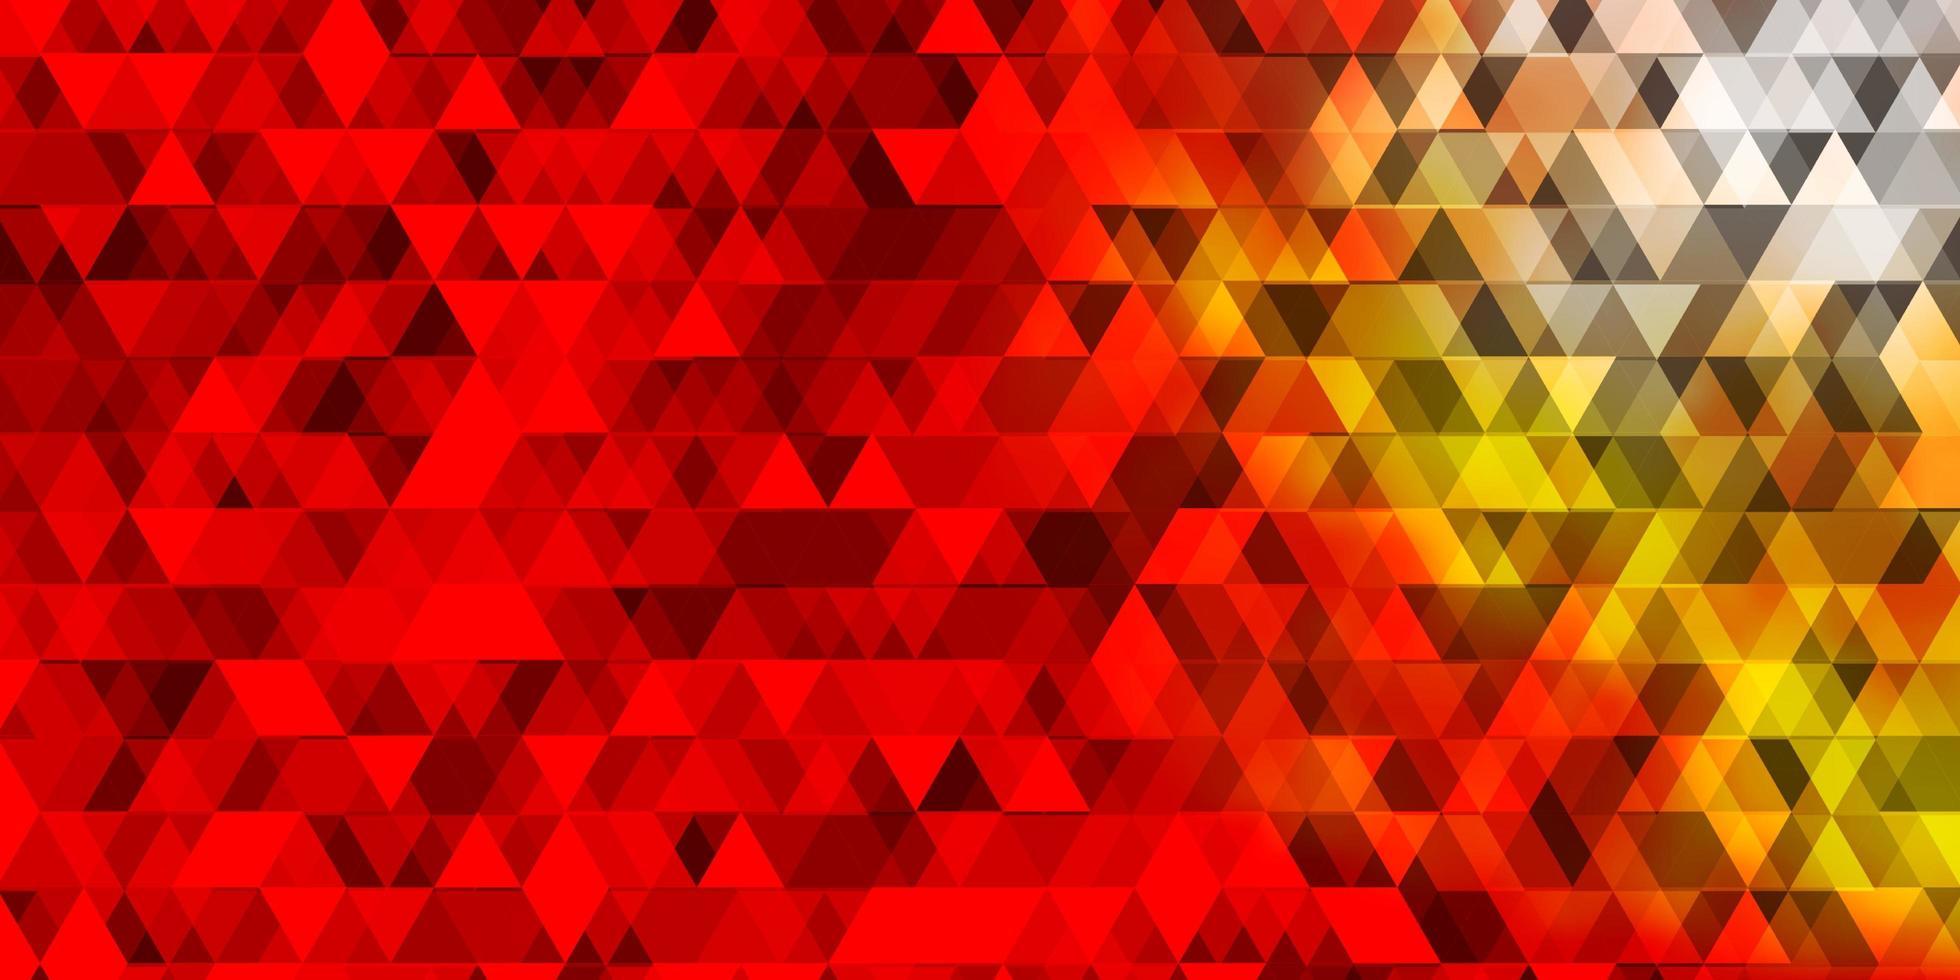 trama vettoriale arancione chiaro con linee, triangoli.